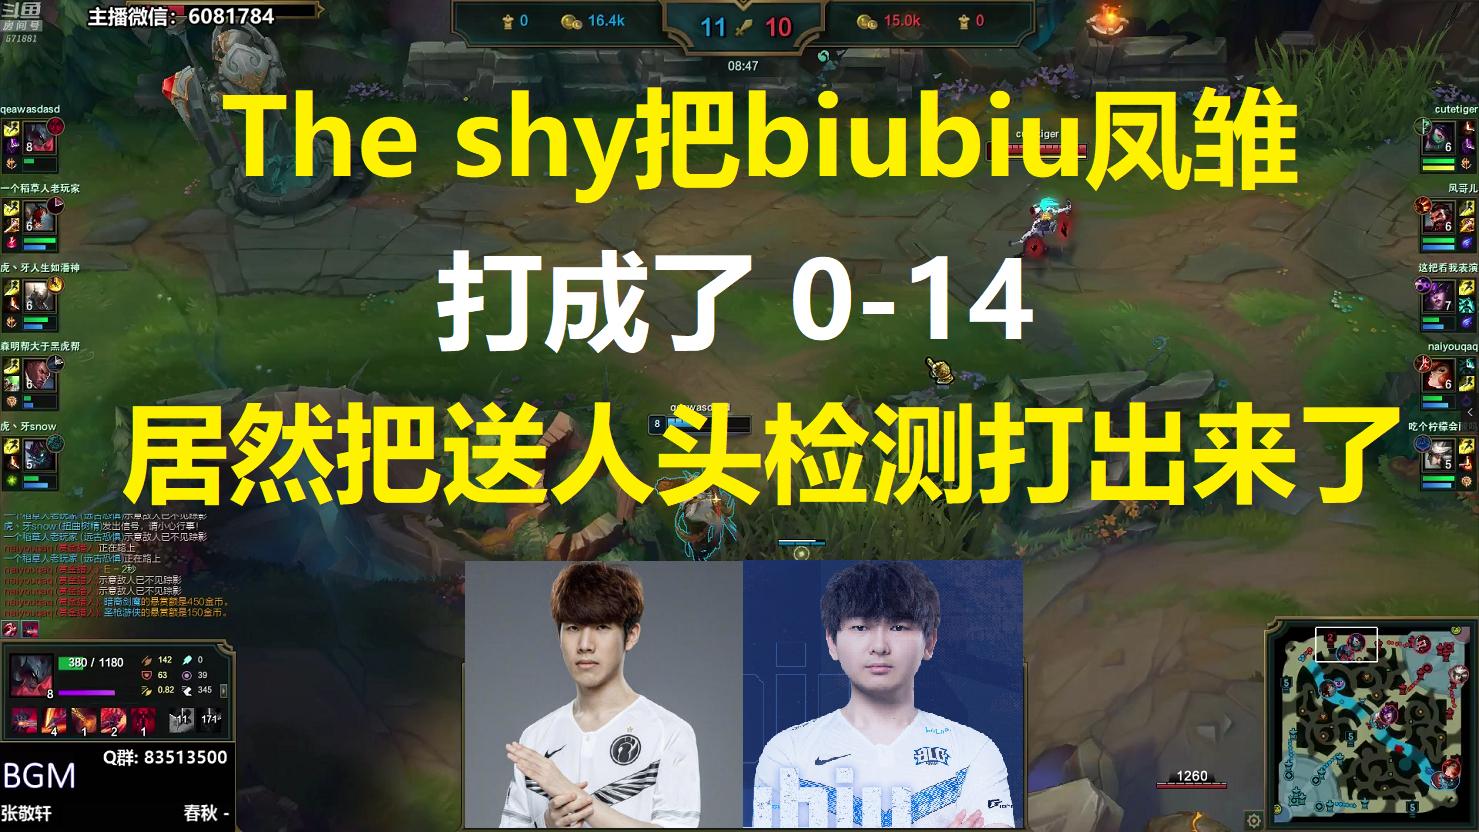 The shy把biubiu打成了0-14,居然把送人头系统检测打出来了,姿态人都懵了!